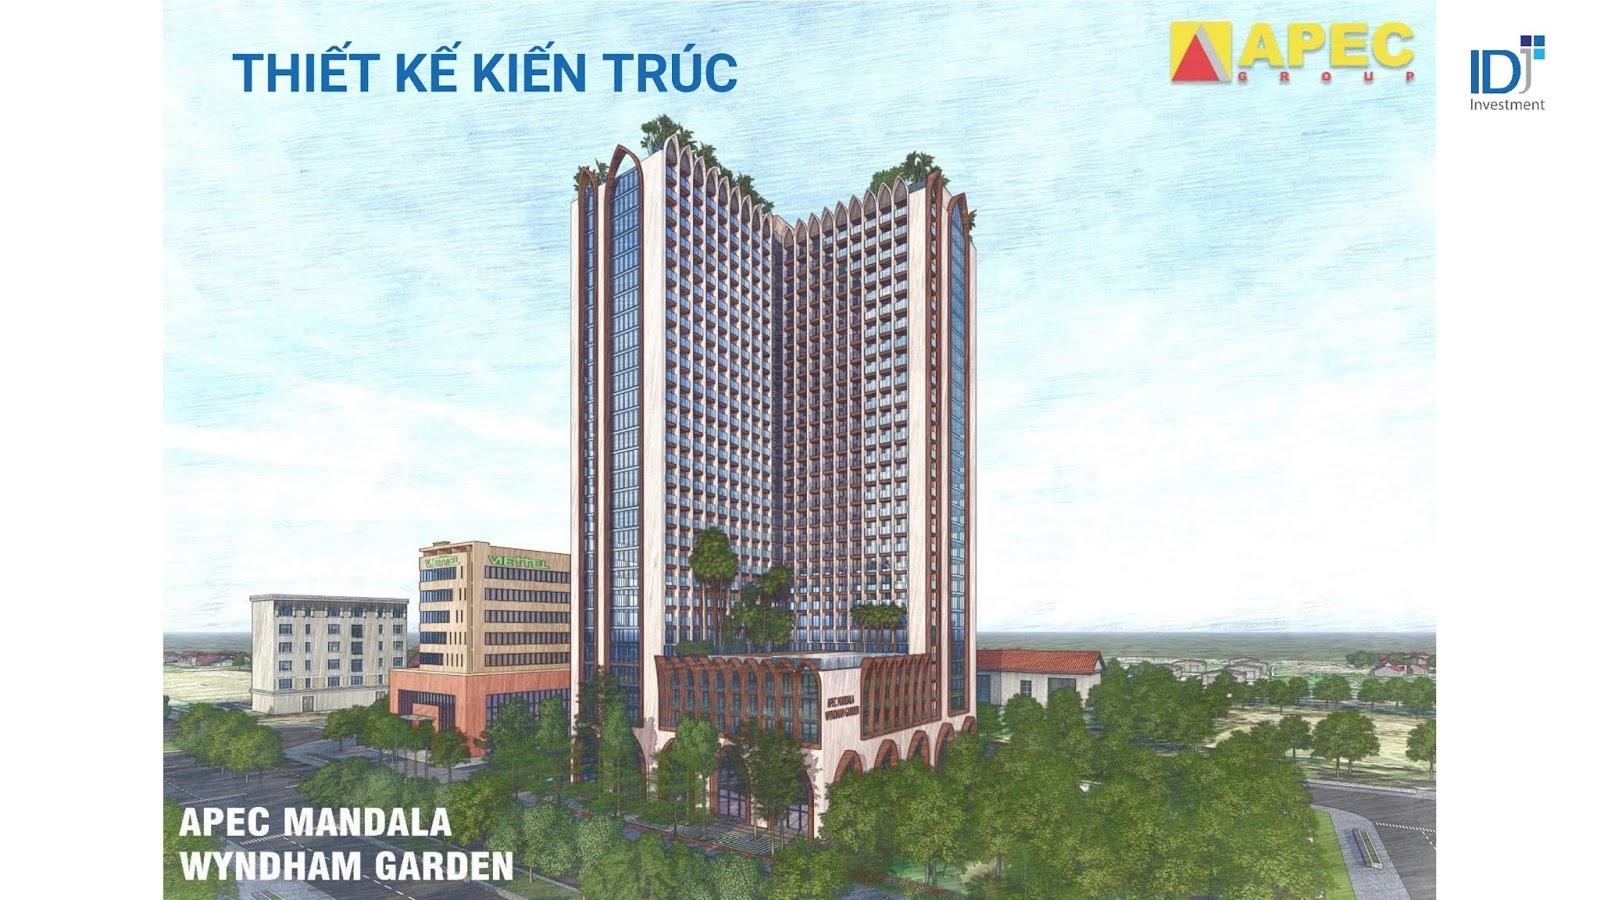 Phối cảnh dự án Apec Mandala Wyndham Garden Phú Yên